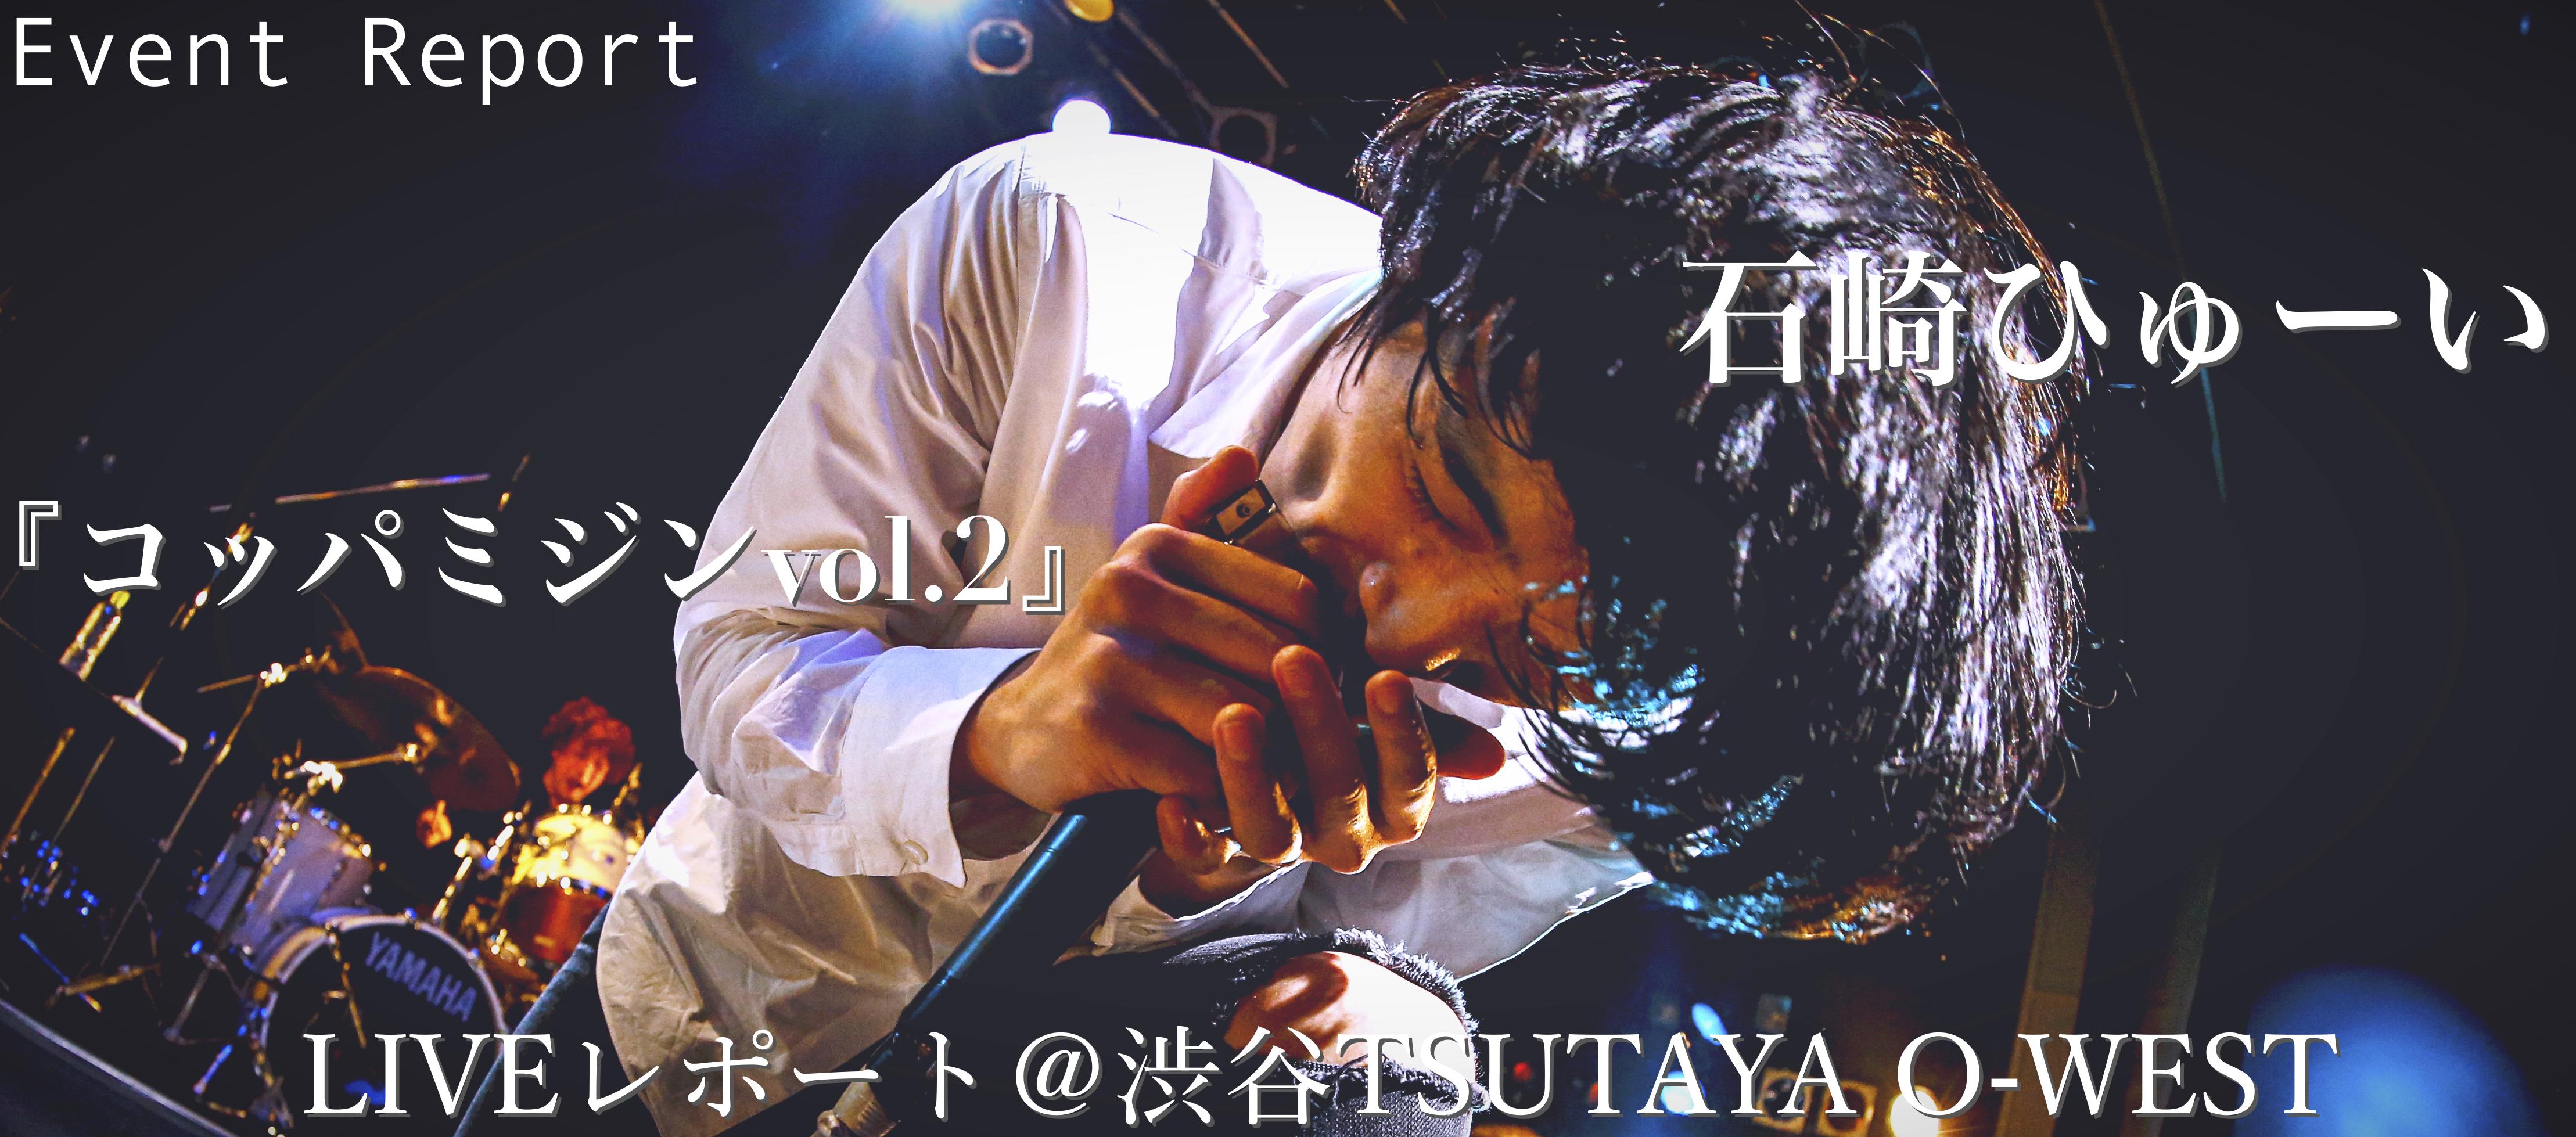 石崎ひゅーい『コッパミジンvol.2』LIVEレポート@渋谷TSUTAYA O-WEST